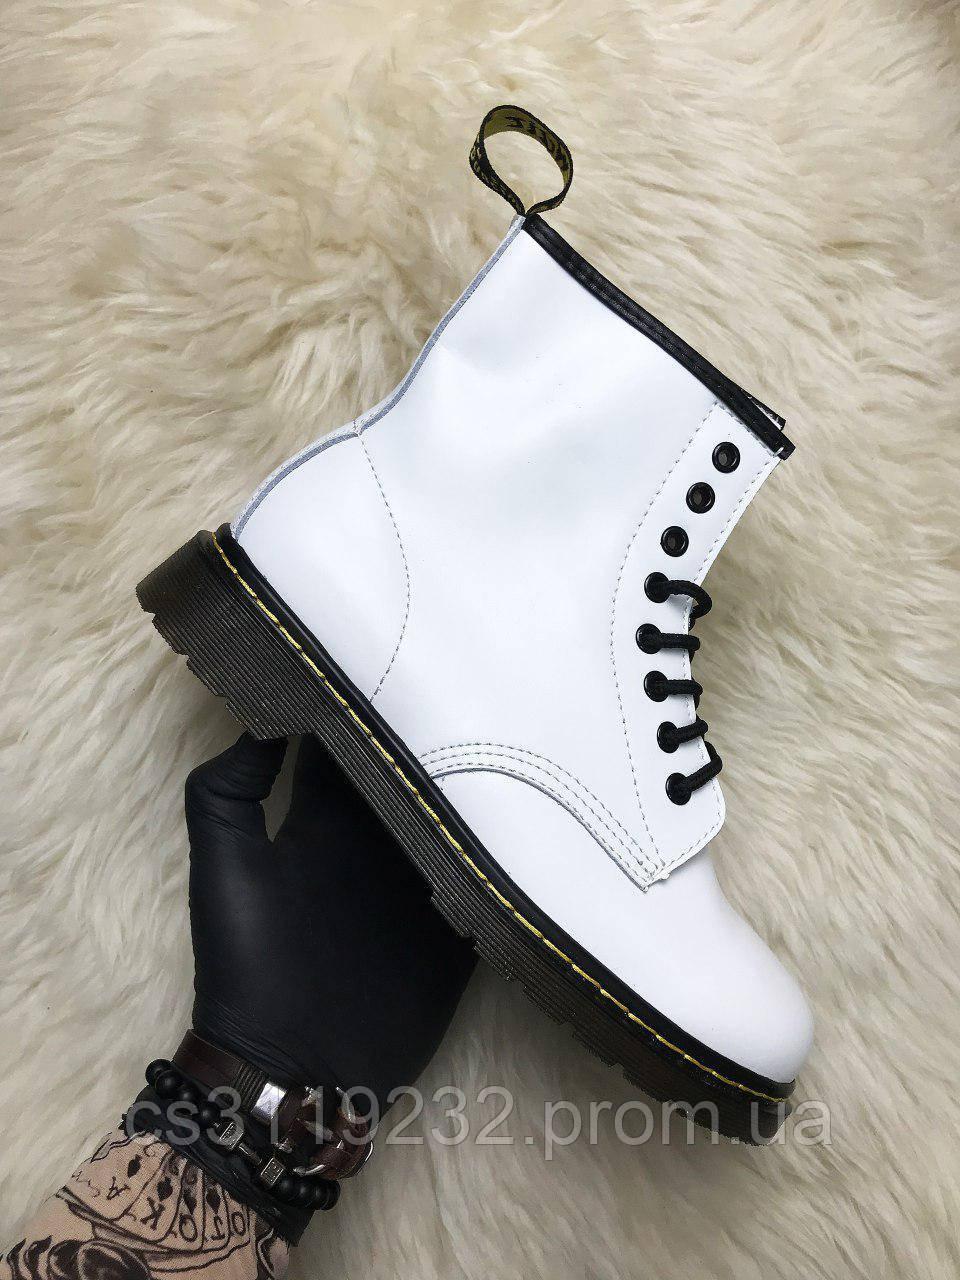 Женские ботинки Dr Martens 1460 демисезонные (белый)